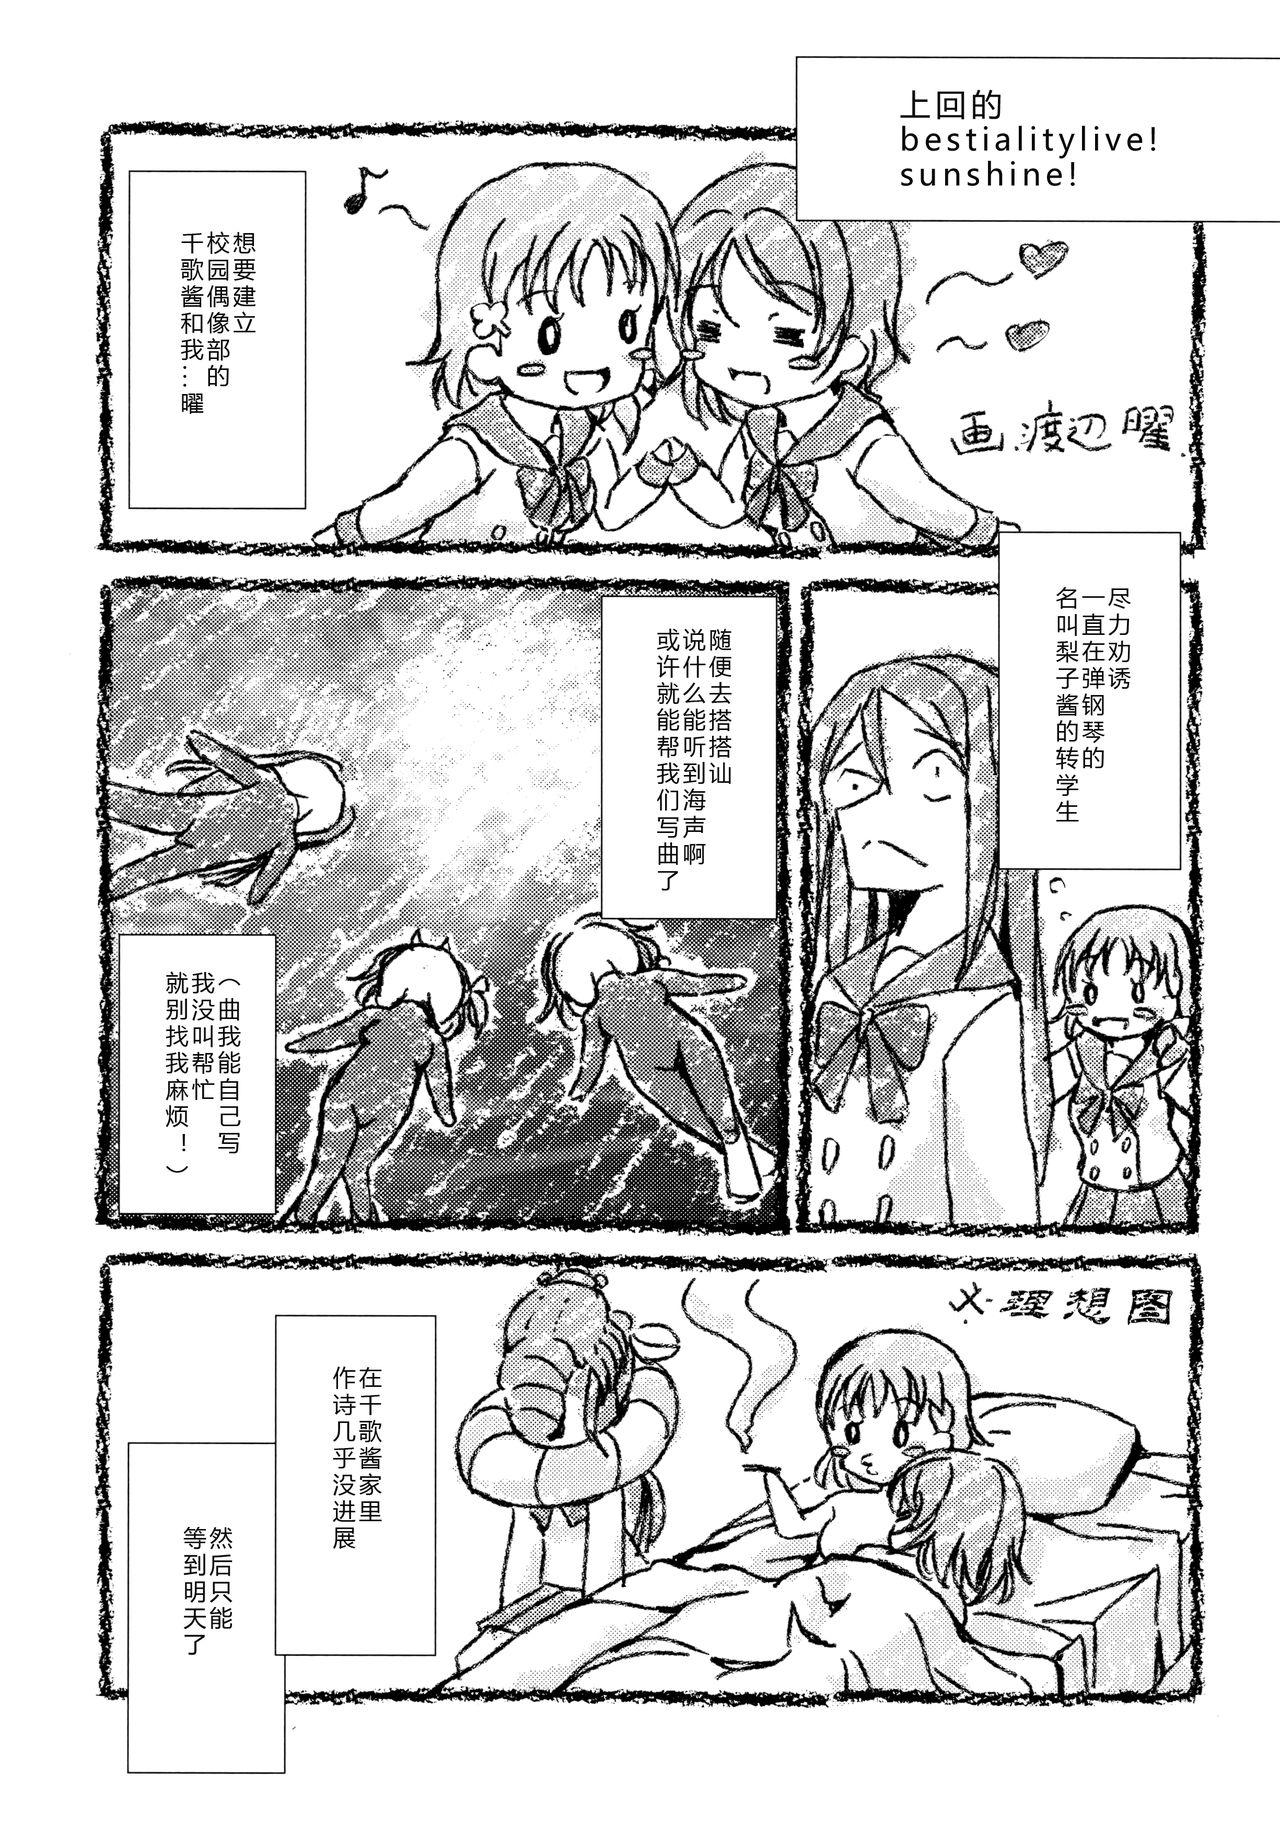 (c92)  [Takane no Hanazono (Takane Nohana)] Juukan Live! Sunshine!! 2 (Love Live! Sunshine!!) 1+2  [chinese] [翠星石汉化] 26